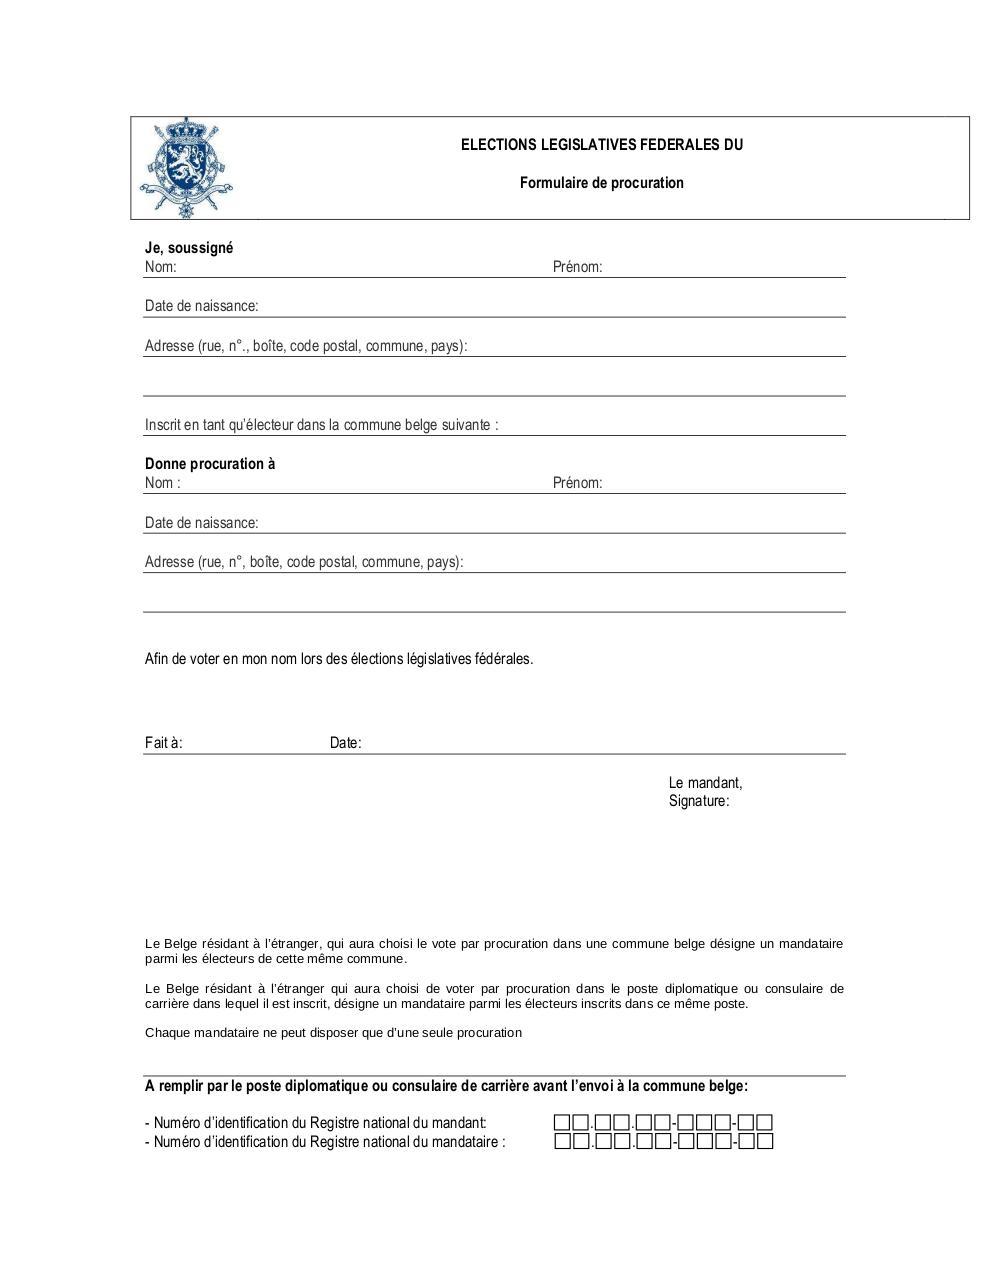 formulaire de procuration par MESTDM - Fichier PDF